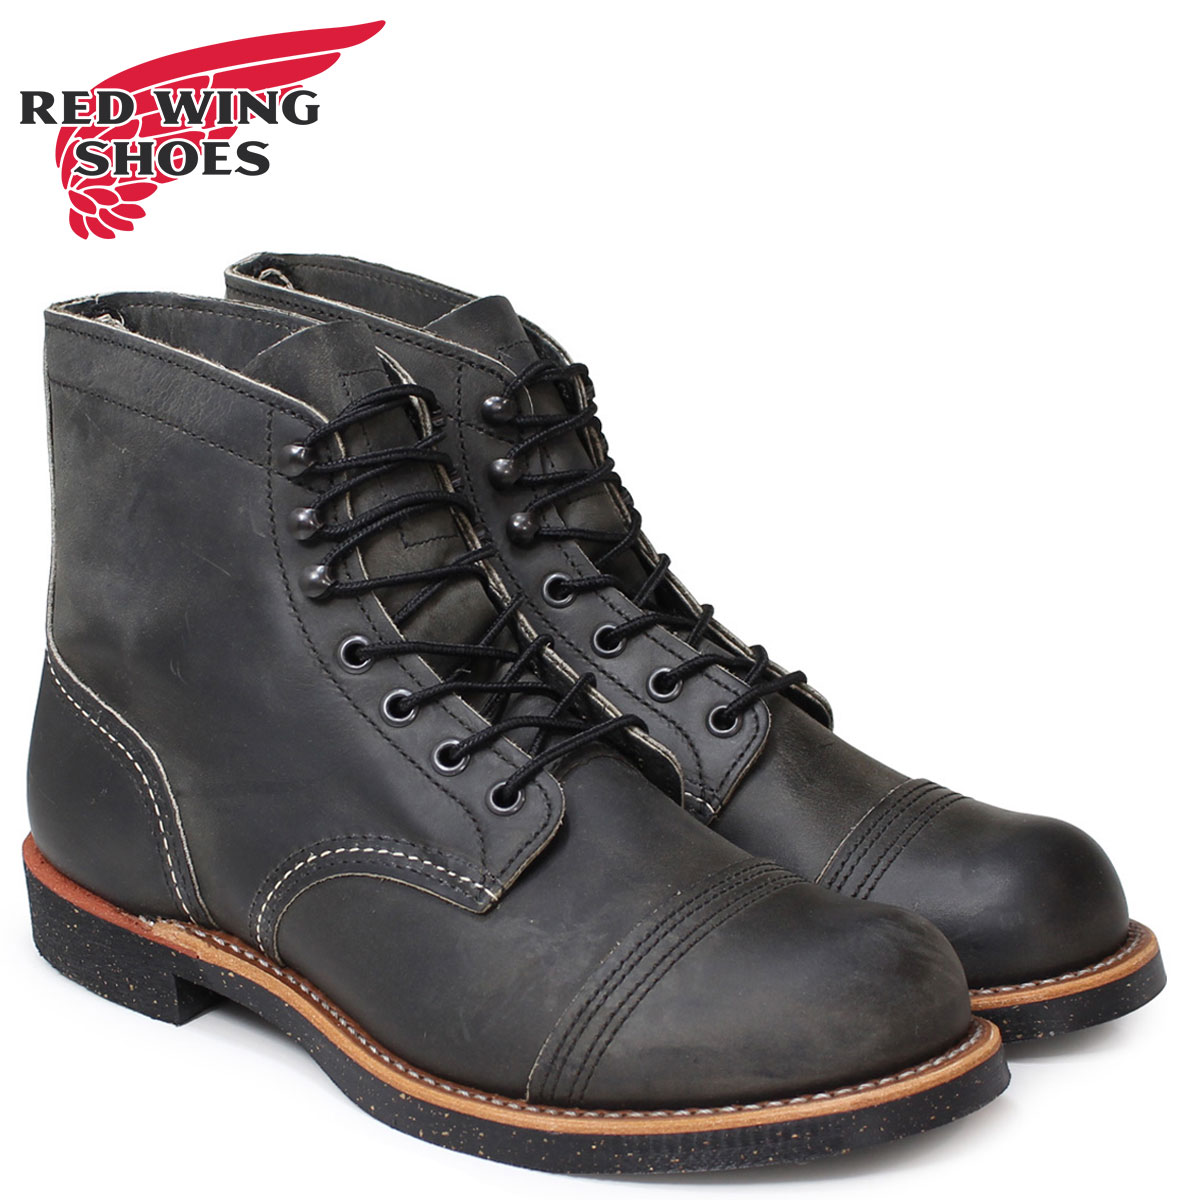 レッドウィング RED WING ブーツ ワークブーツ 6INCH IRON RANGER アイアンレンジャー Dワイズ 8116 8086 メンズ